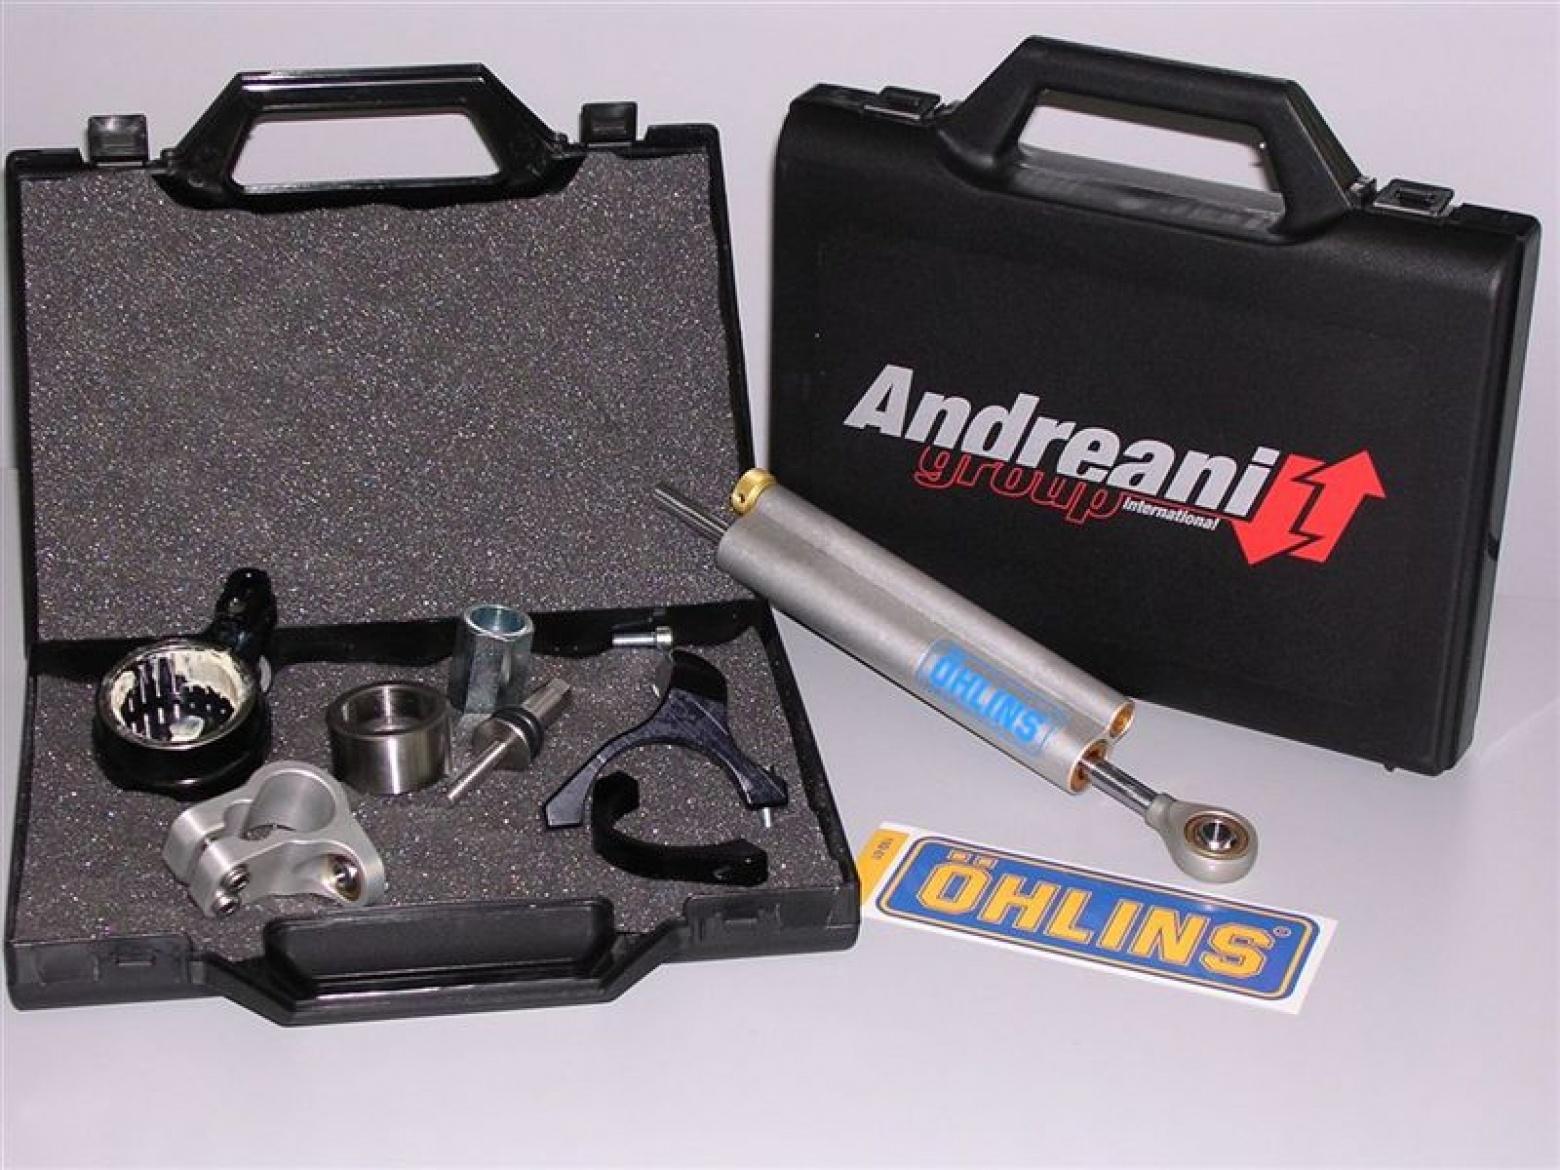 Kit Sujeción Amortiguador Dirección lineal R6 2